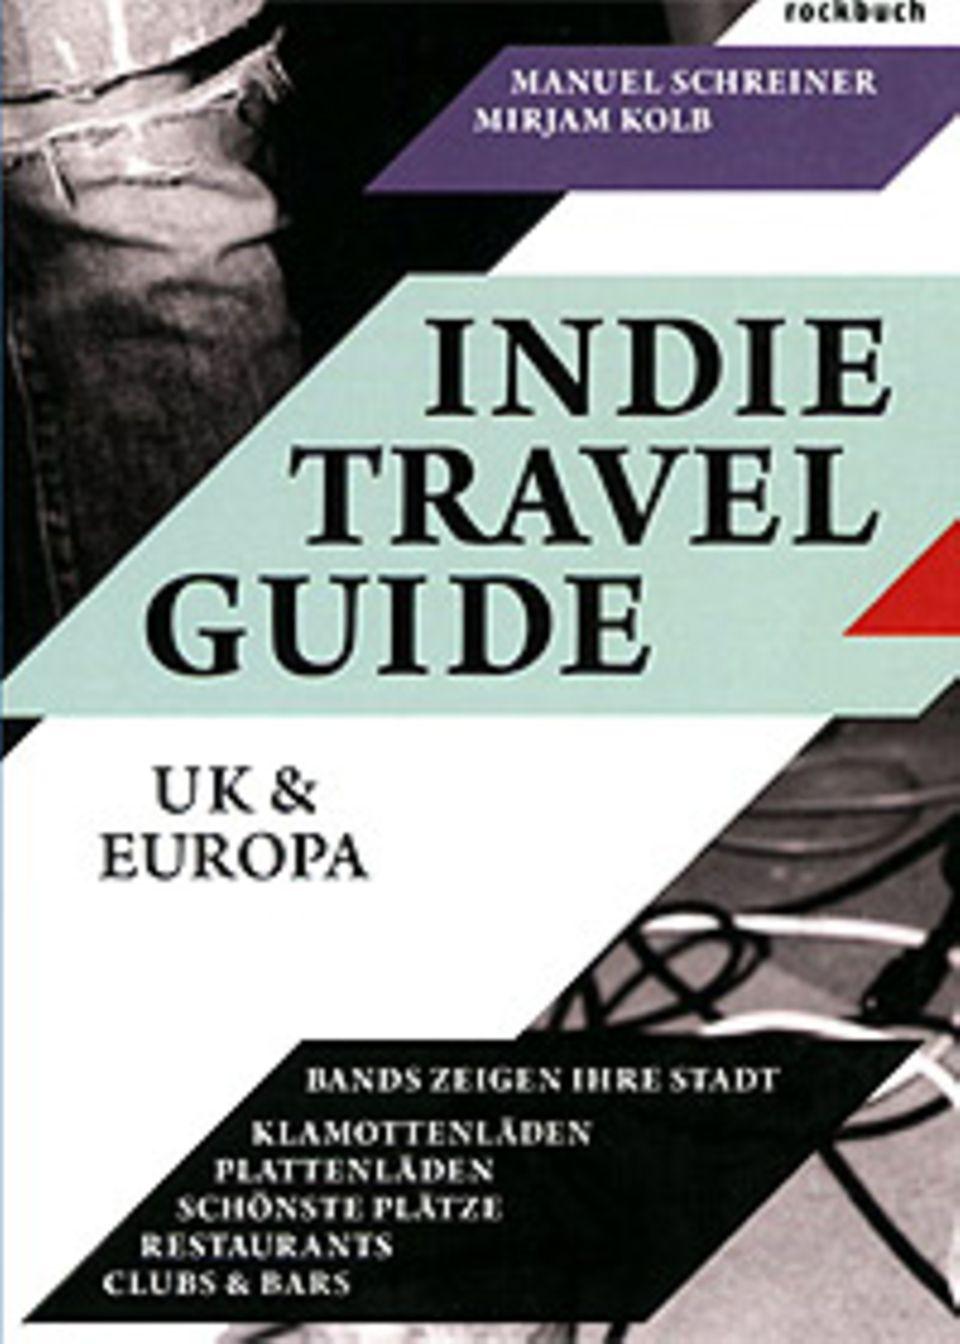 """""""Indie Travel Guide"""", erschienen im Rockbuch-Verlag"""